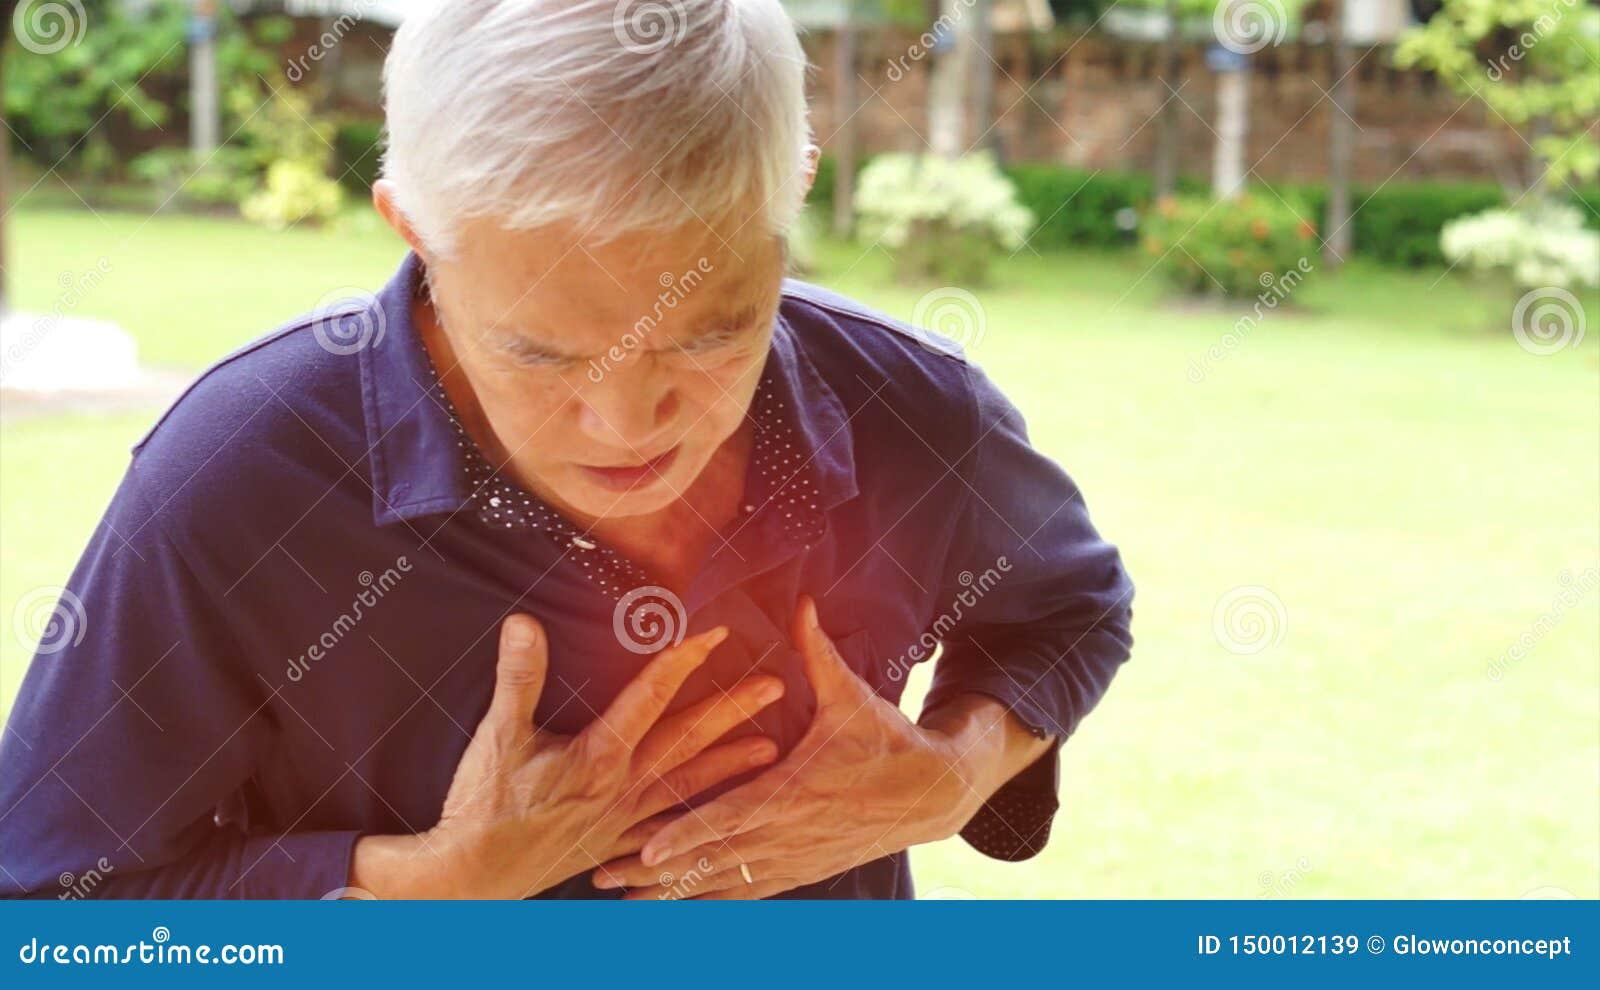 Azjatycka starszego mężczyzny klatki piersiowej bólu atak serca uderzenia opieka zdrowotna